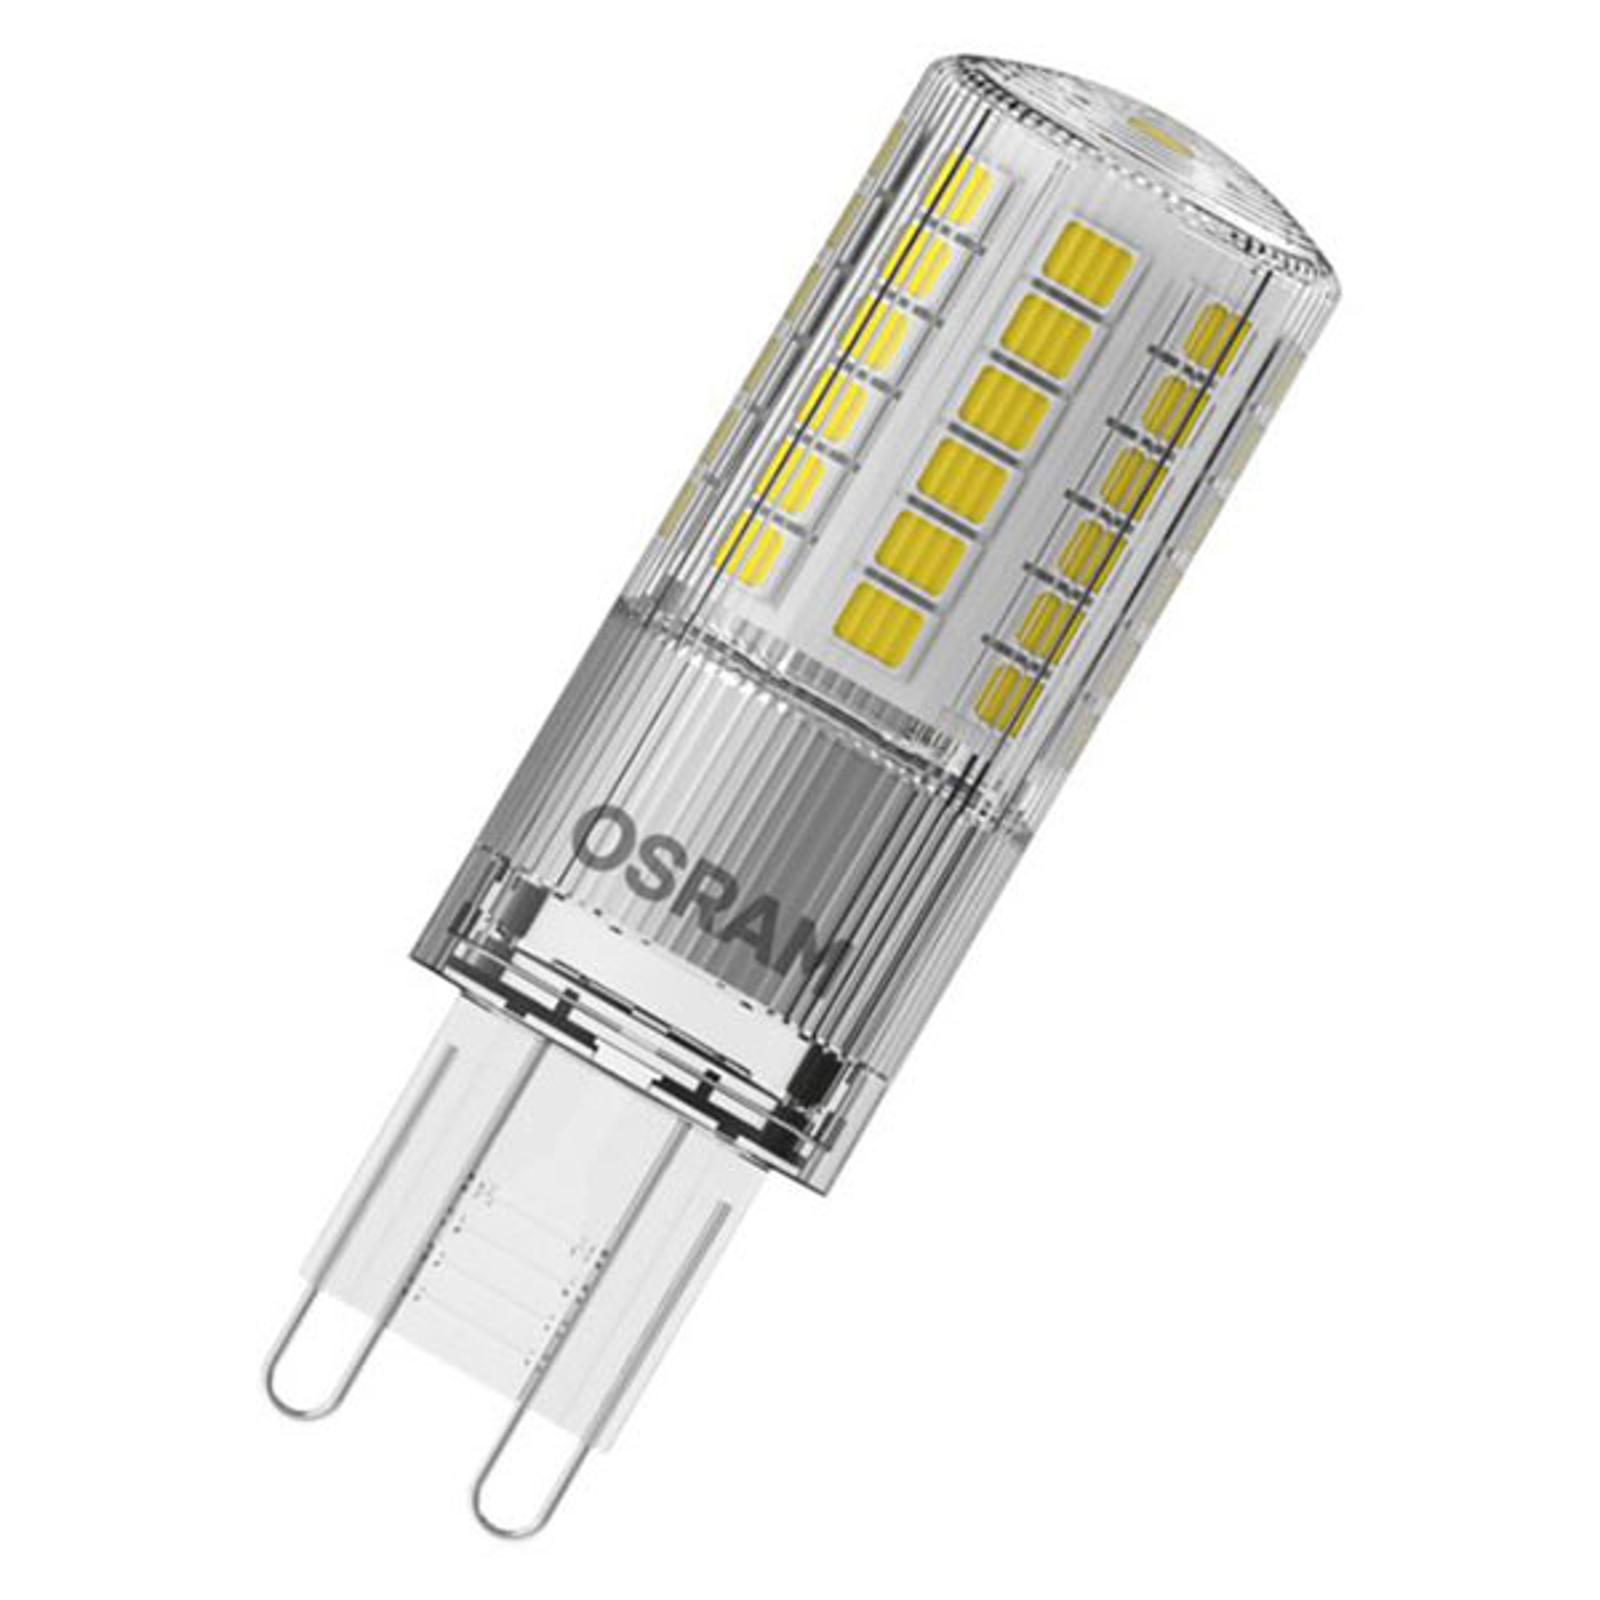 OSRAM LED-stiftpære G9 4,8 W 2700K klar